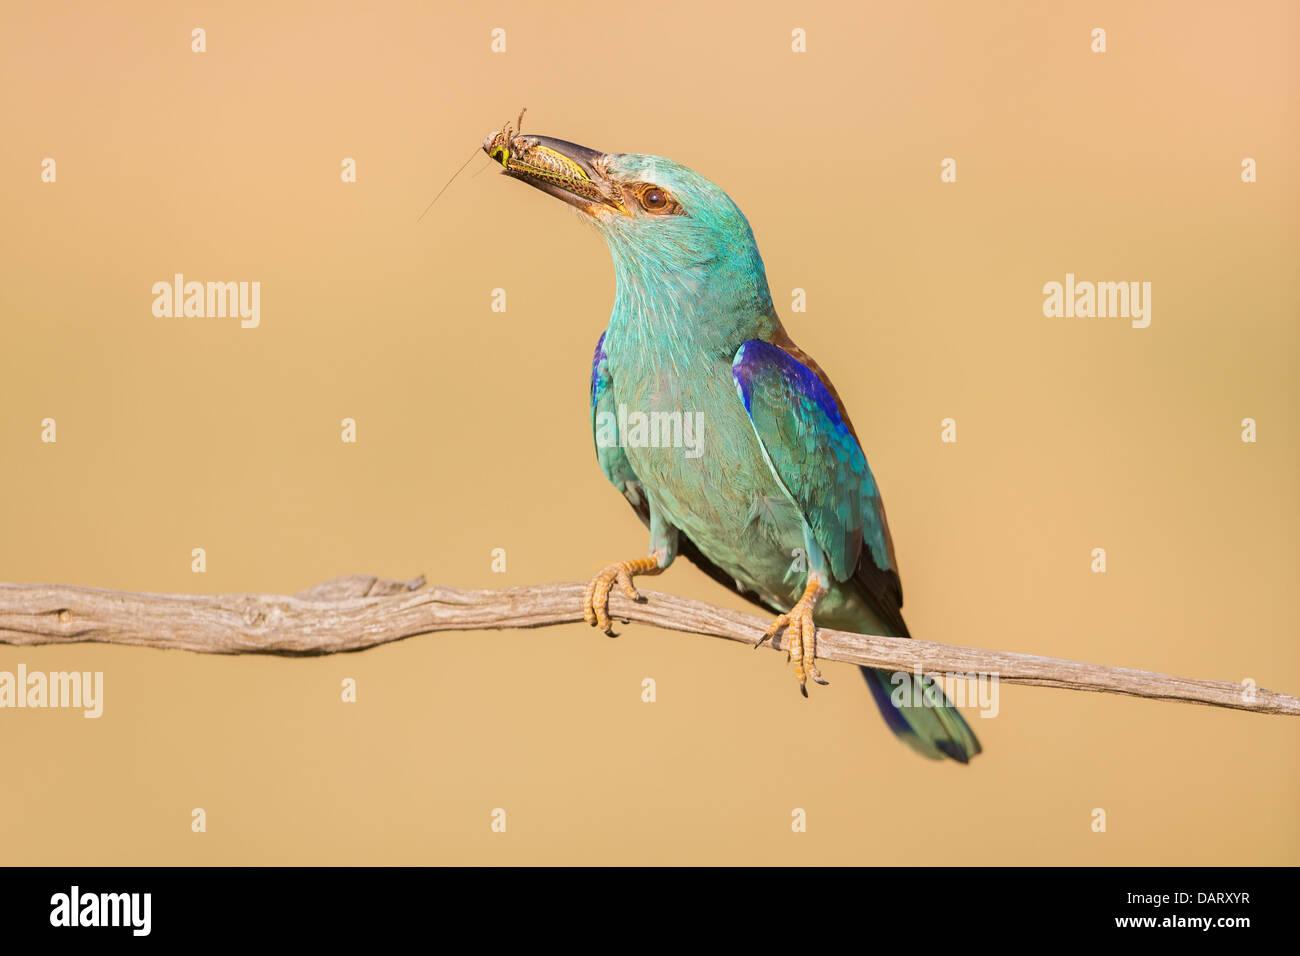 Wilde Blauracke (Coracias Garrulus) ruht auf einem Ast mit einem frisch gefangenen Insekt Stockbild